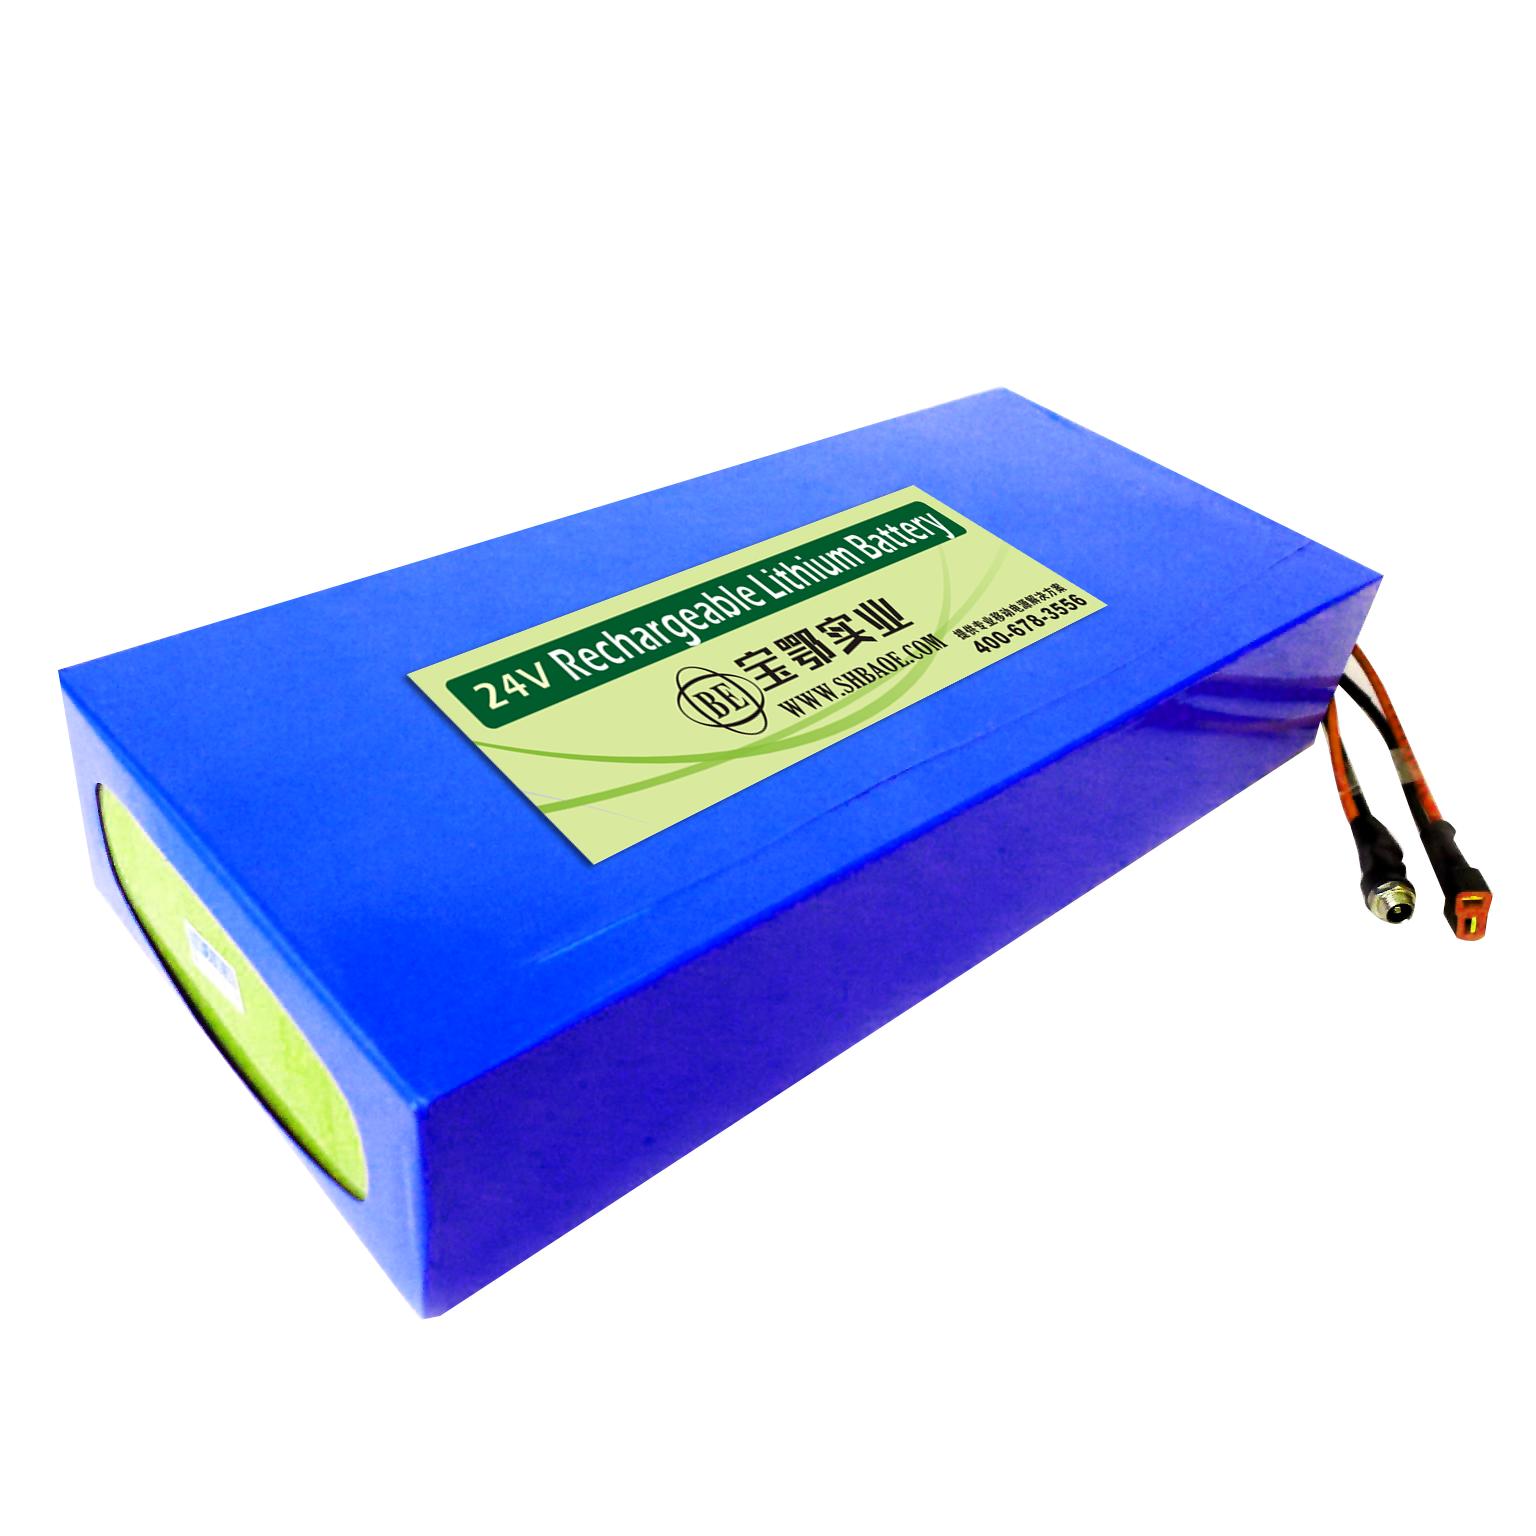 工业平板电脑电池TGS14.8V/4.4AH